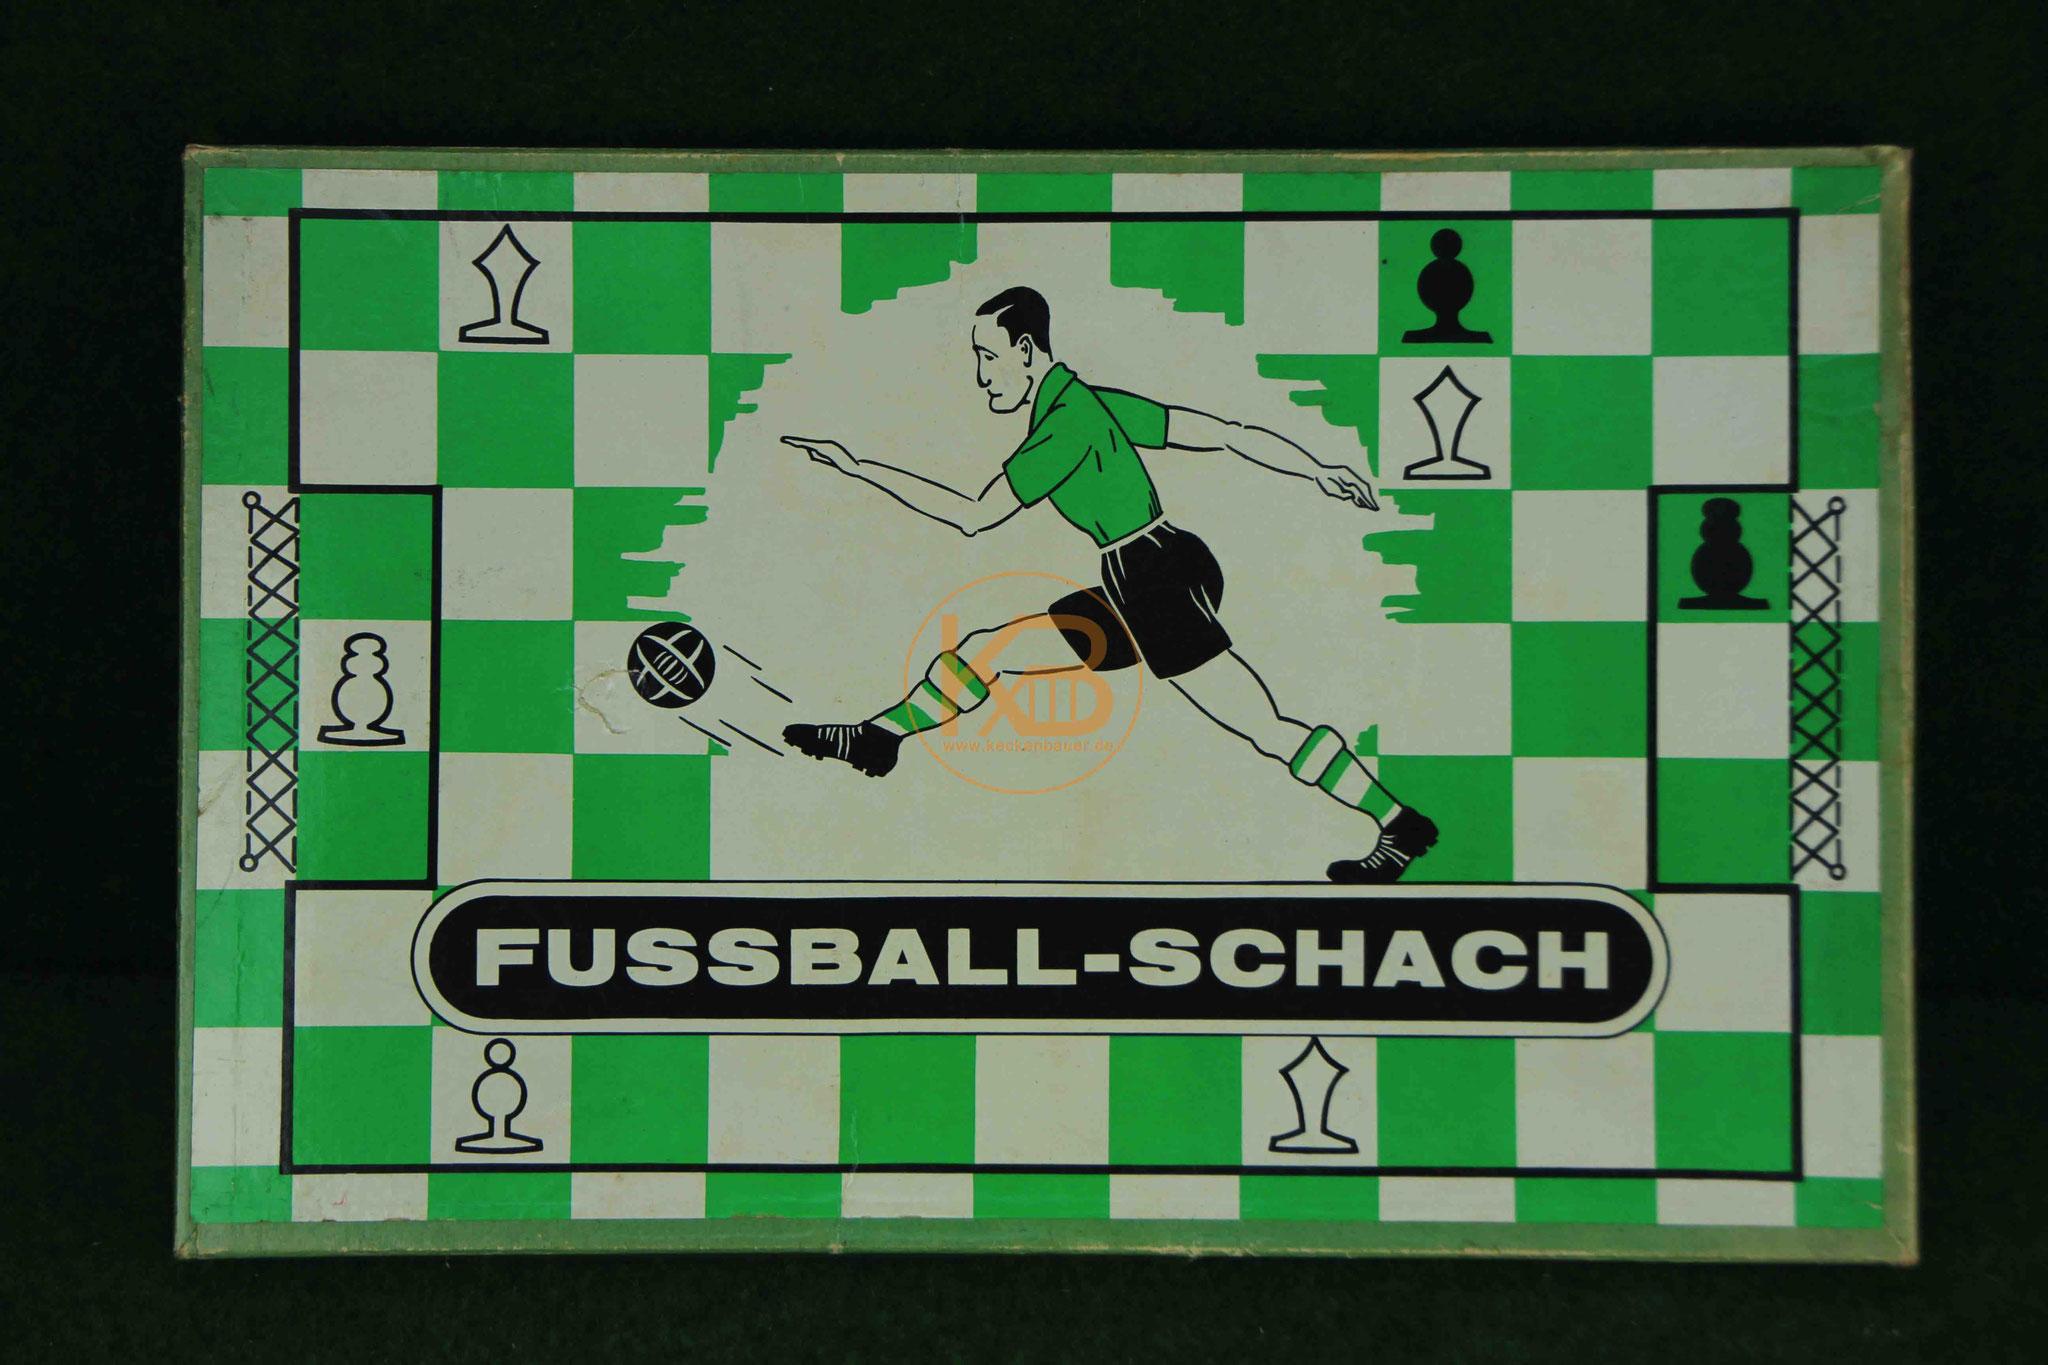 Fussball-Schach Goal aus dem Jahre 1951 von Henri Boissier